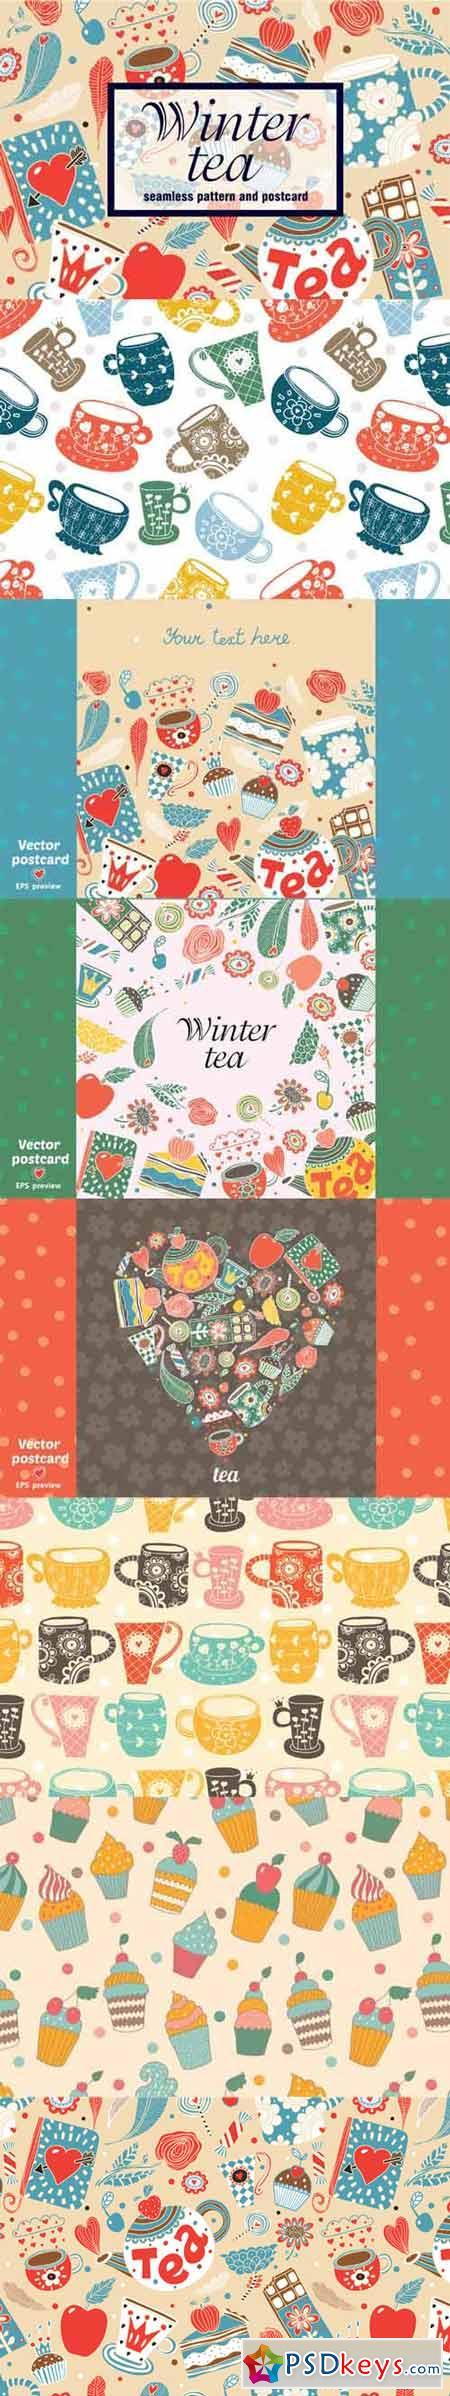 Winter tea time 405159